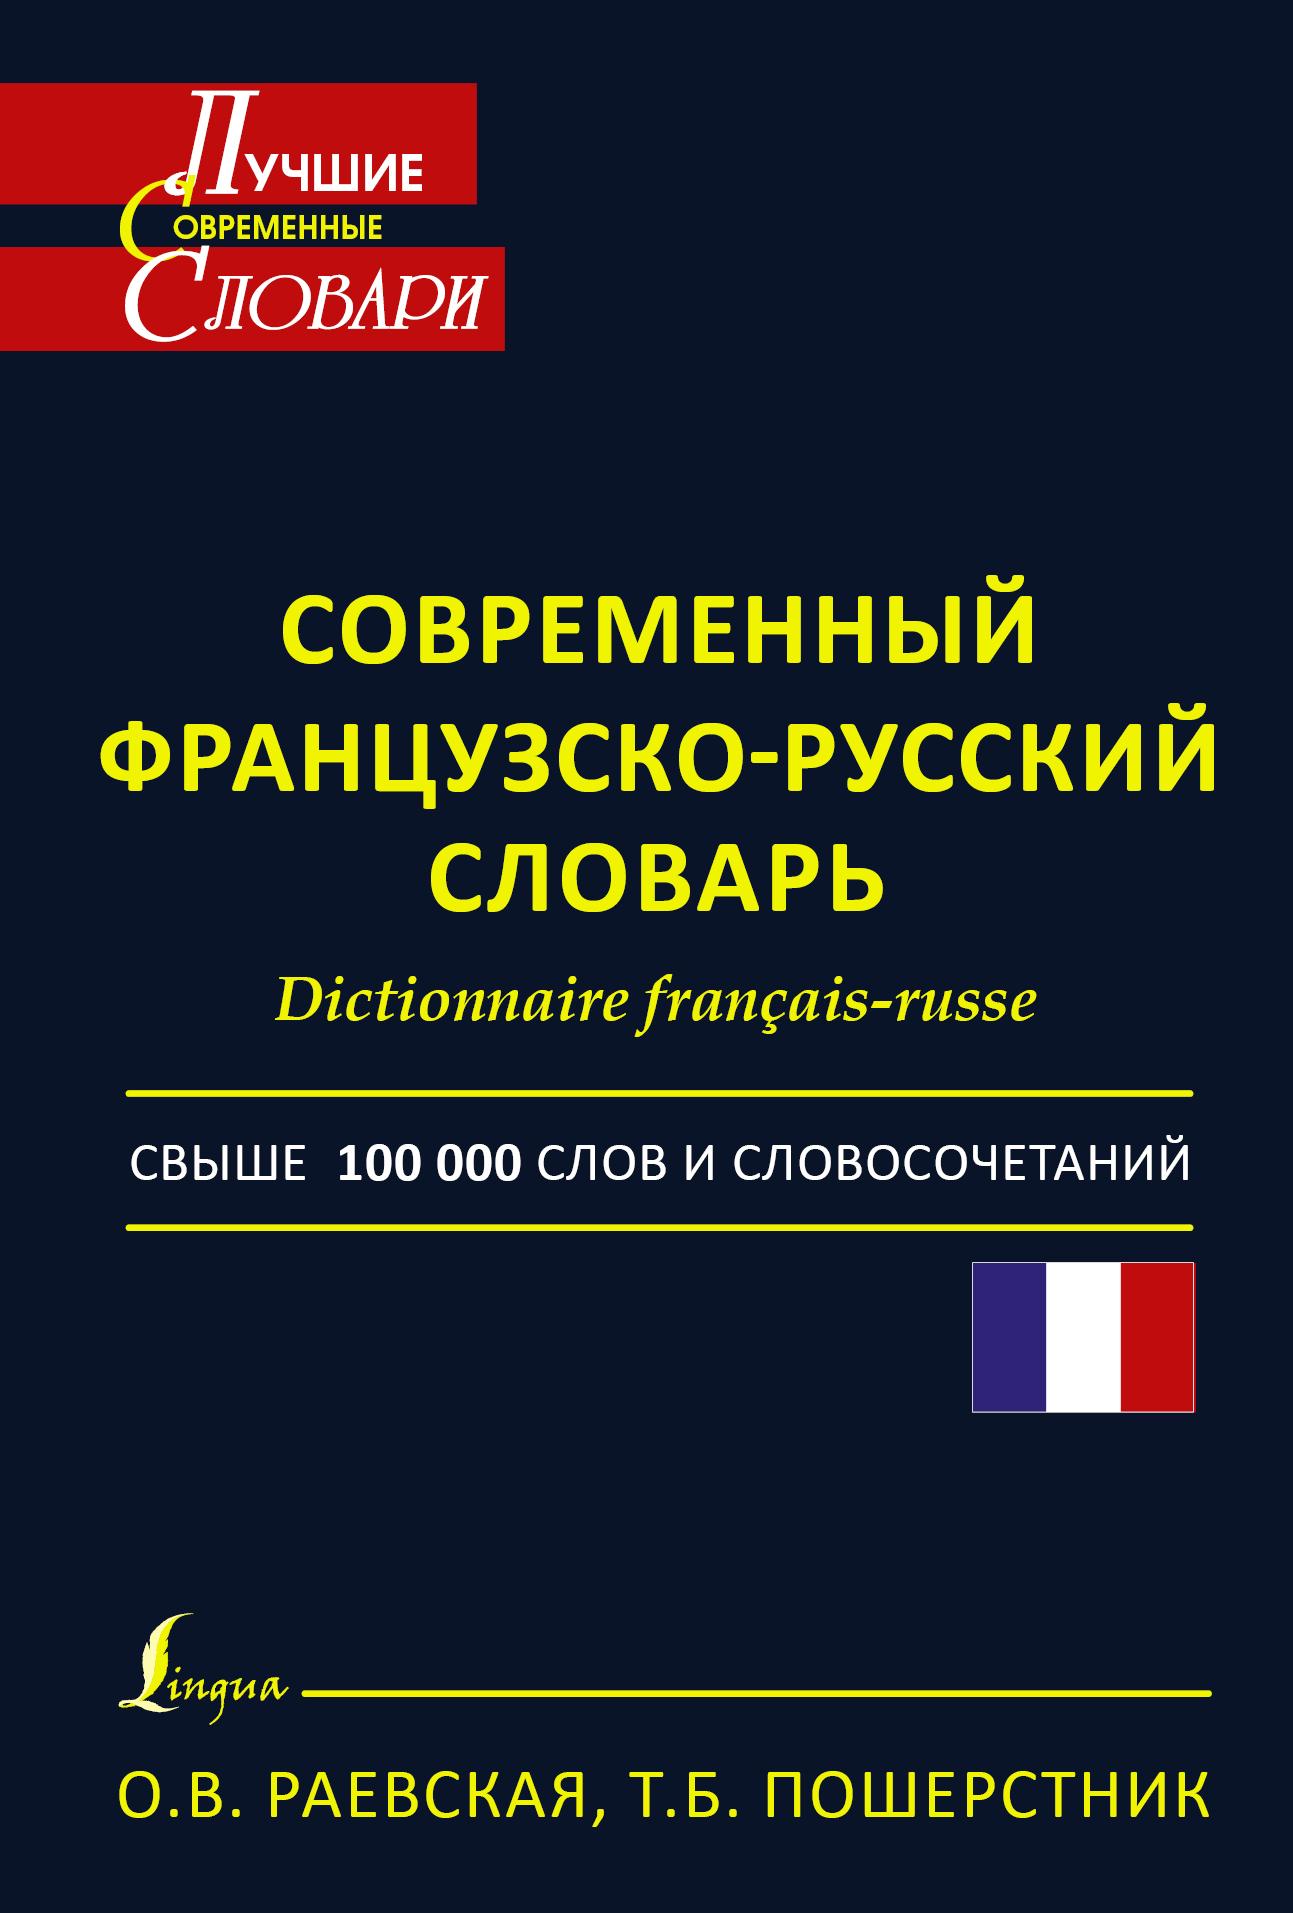 ����������� ����������-������� ������� / Dictionnaire francais-russe